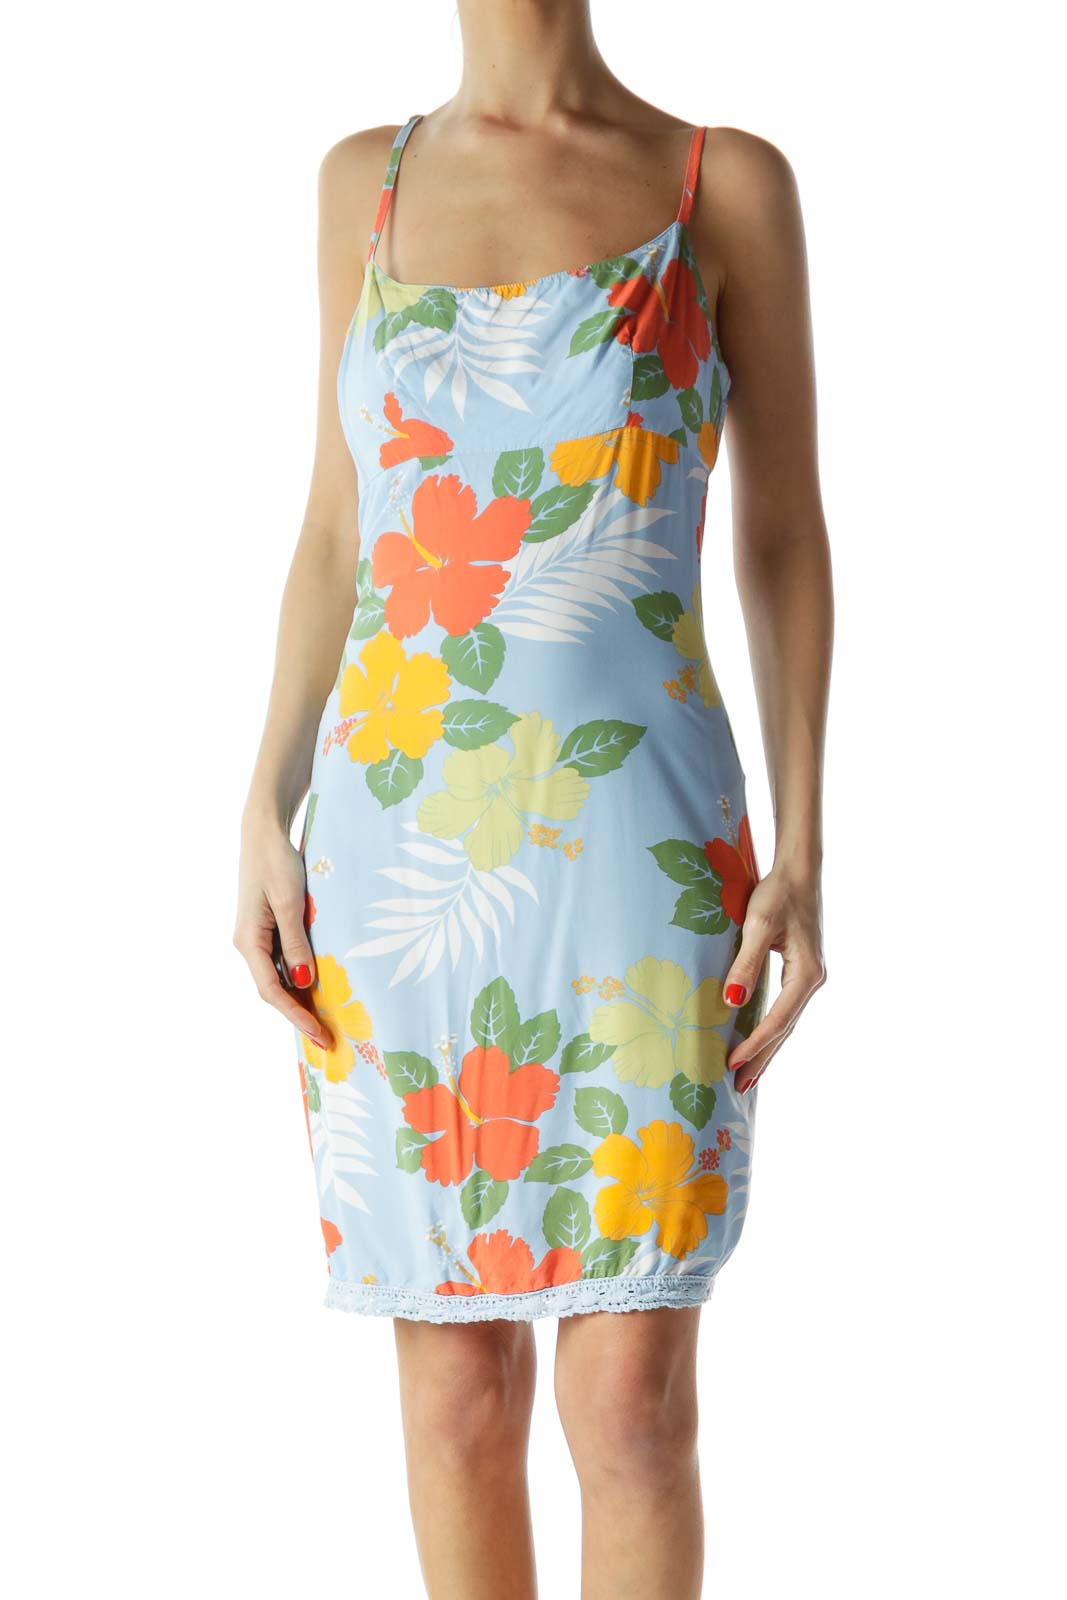 Blue Floral Print Sun Dress Front